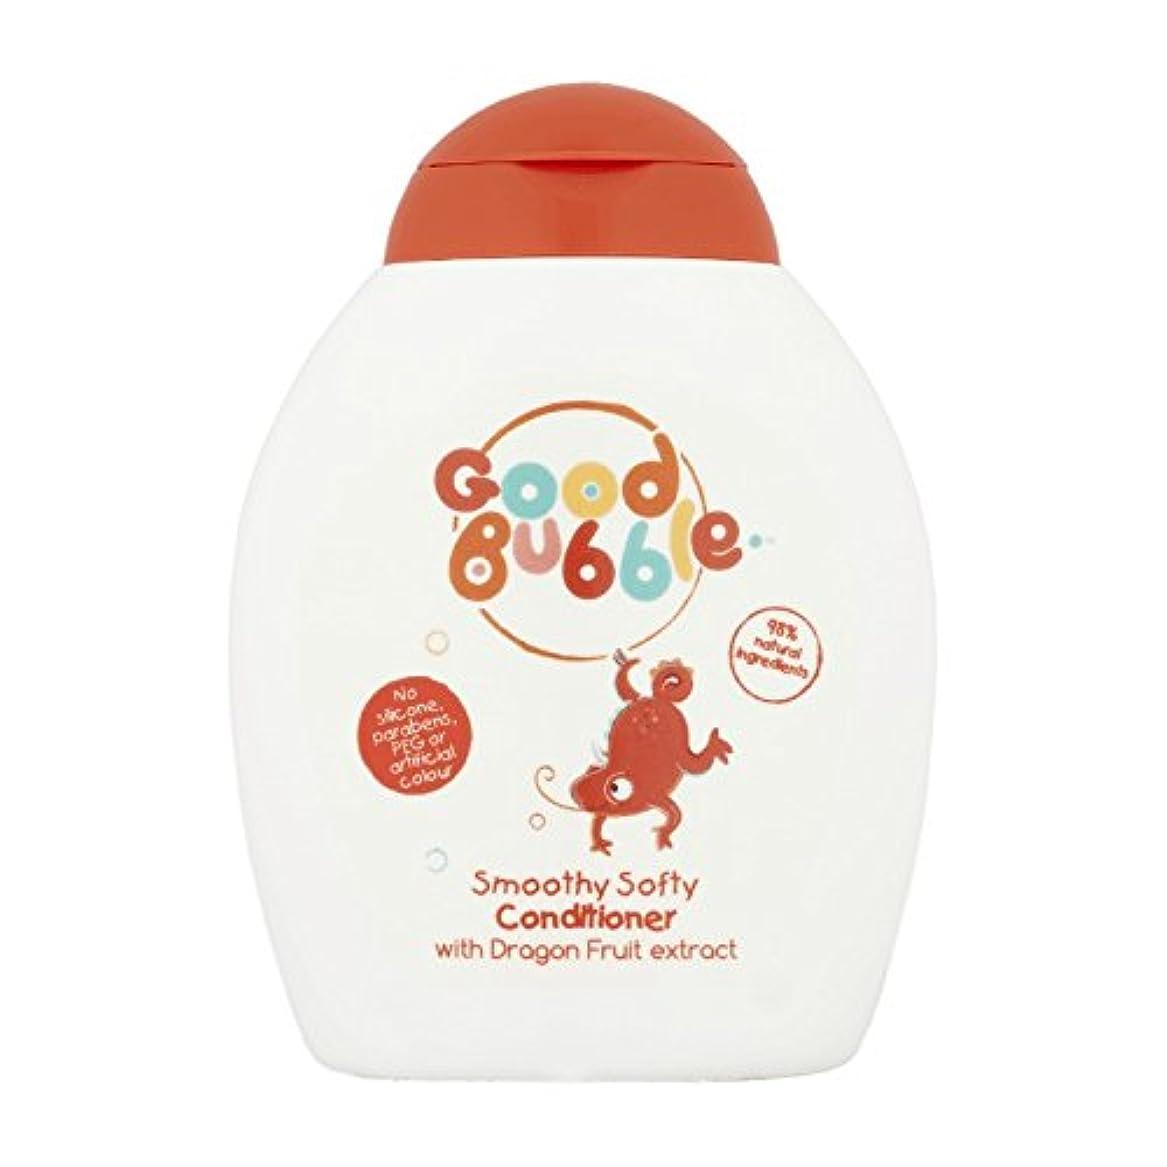 Good Bubble Dragon Fruit Conditioner 250ml (Pack of 6) - 良いバブルドラゴンフルーツコンディショナー250ミリリットル (x6) [並行輸入品]